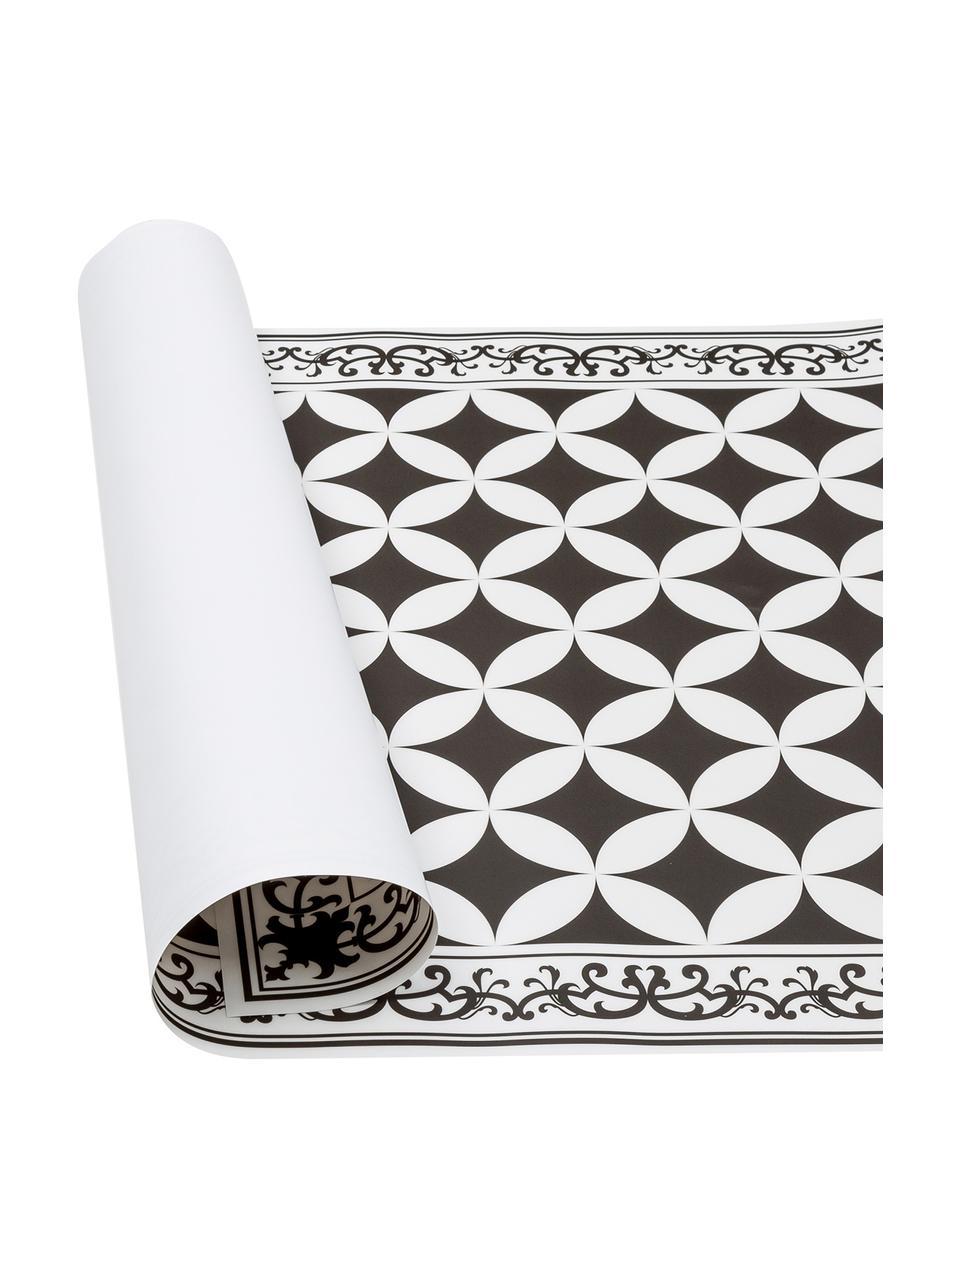 Flache Vinyl-Bodenmatte Chadi in Schwarz/Weiß, rutschfest, Vinyl, recycelbar, Schwarz, Weiß, 136 x 203 cm